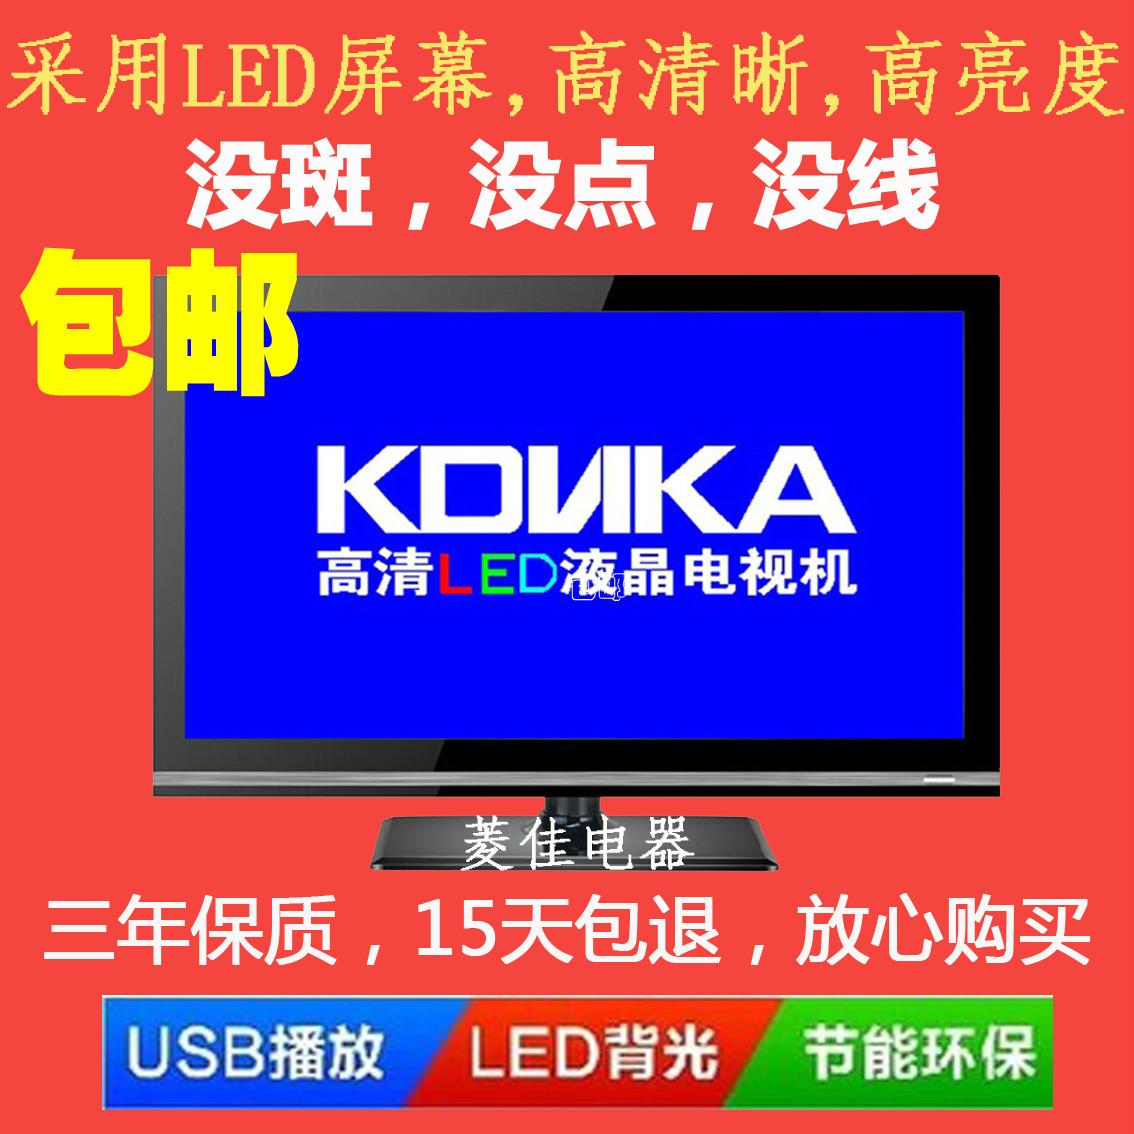 LED-телевизор Konka 17 19 20 22 26 24 LED konka kpc 40zd91e мультиварка